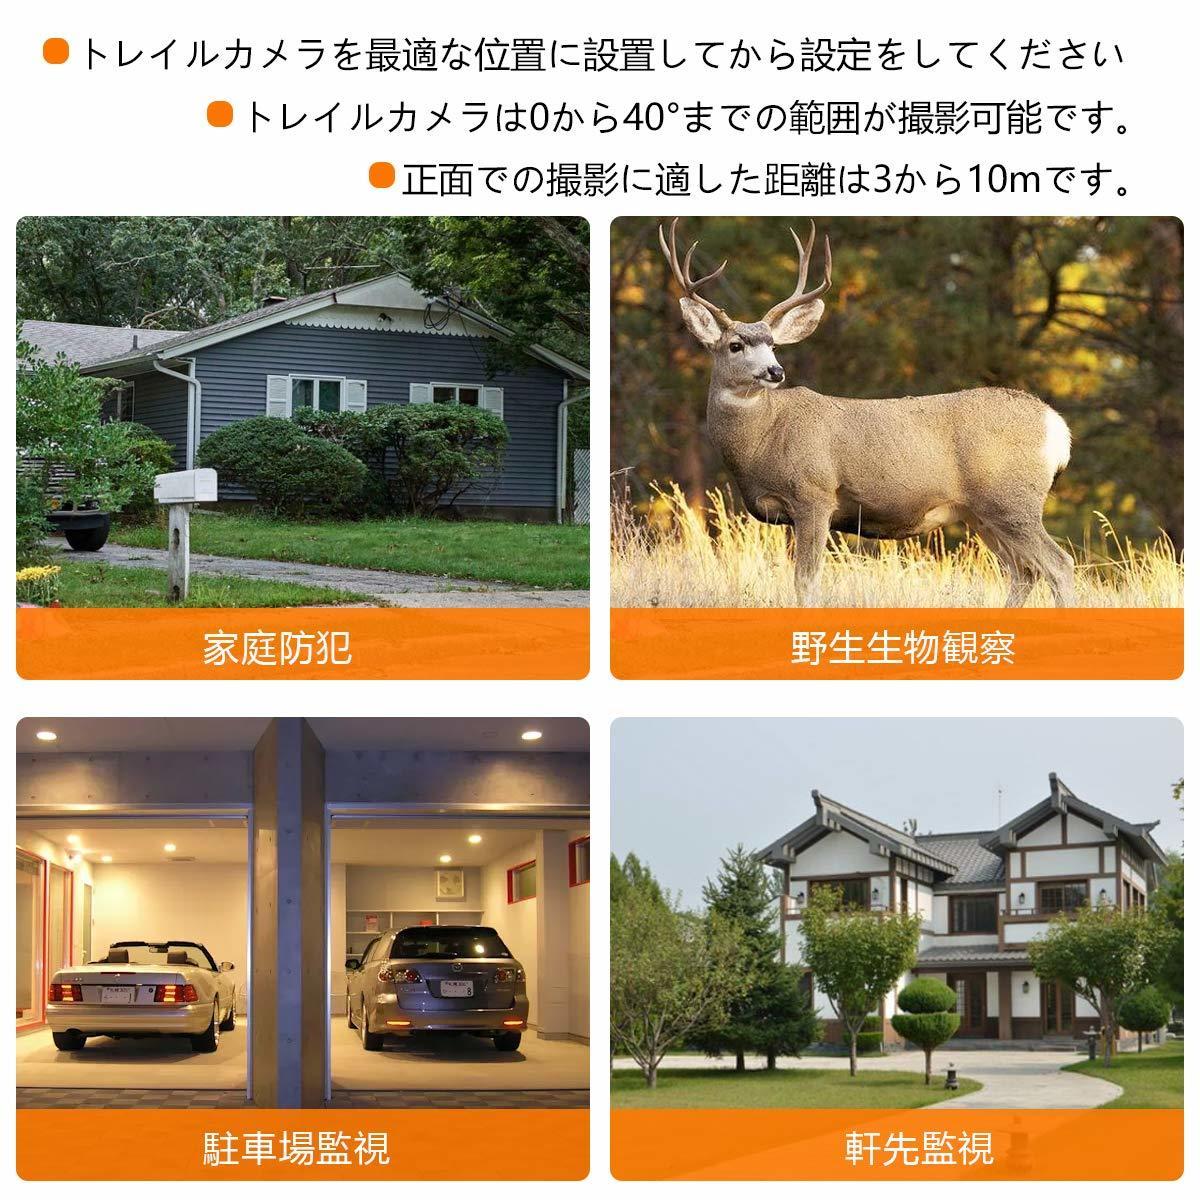 トレイルカメラ 防犯カメラ 暗視カメラ 人感センサー1200万画素 IP56防水 1080P フルHD 動き検知 不可視赤外線LEDライト 日本語説明書_画像7